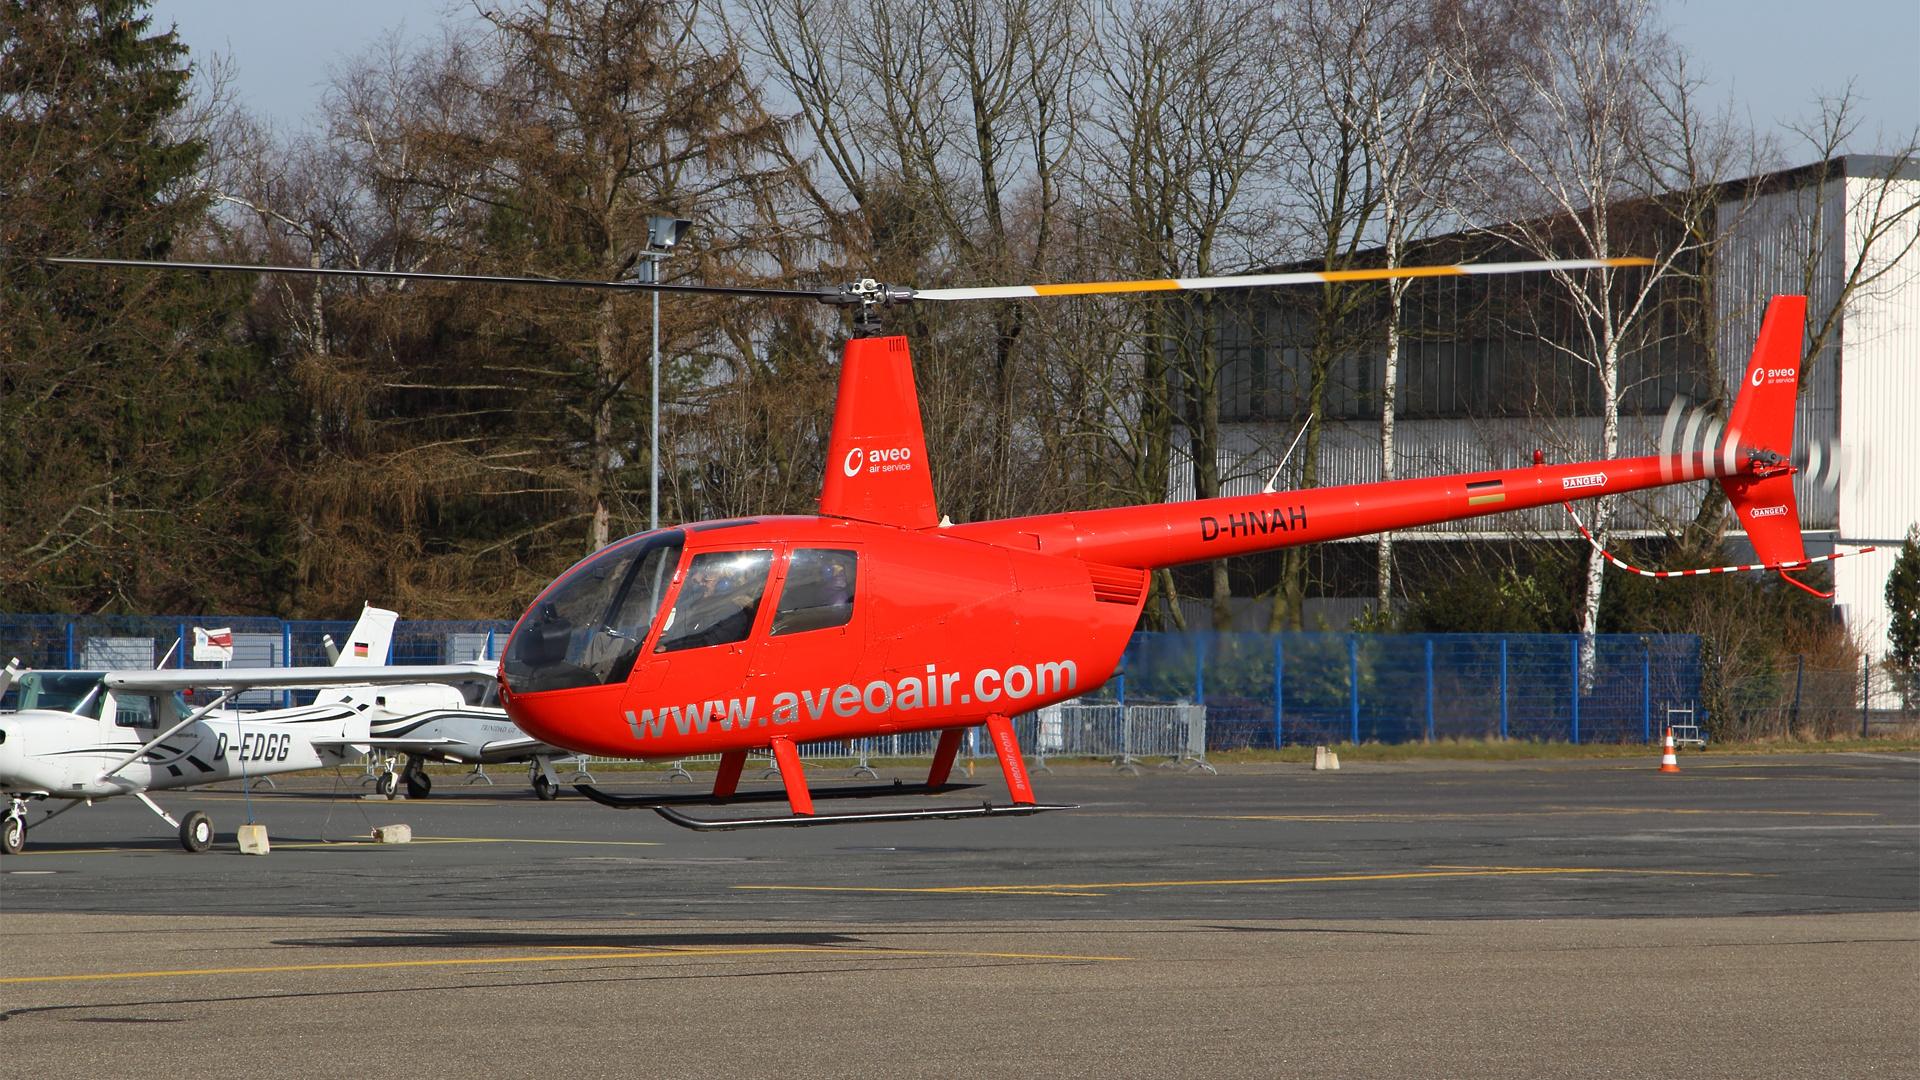 D-HNAH-1 R44 ESS 201502